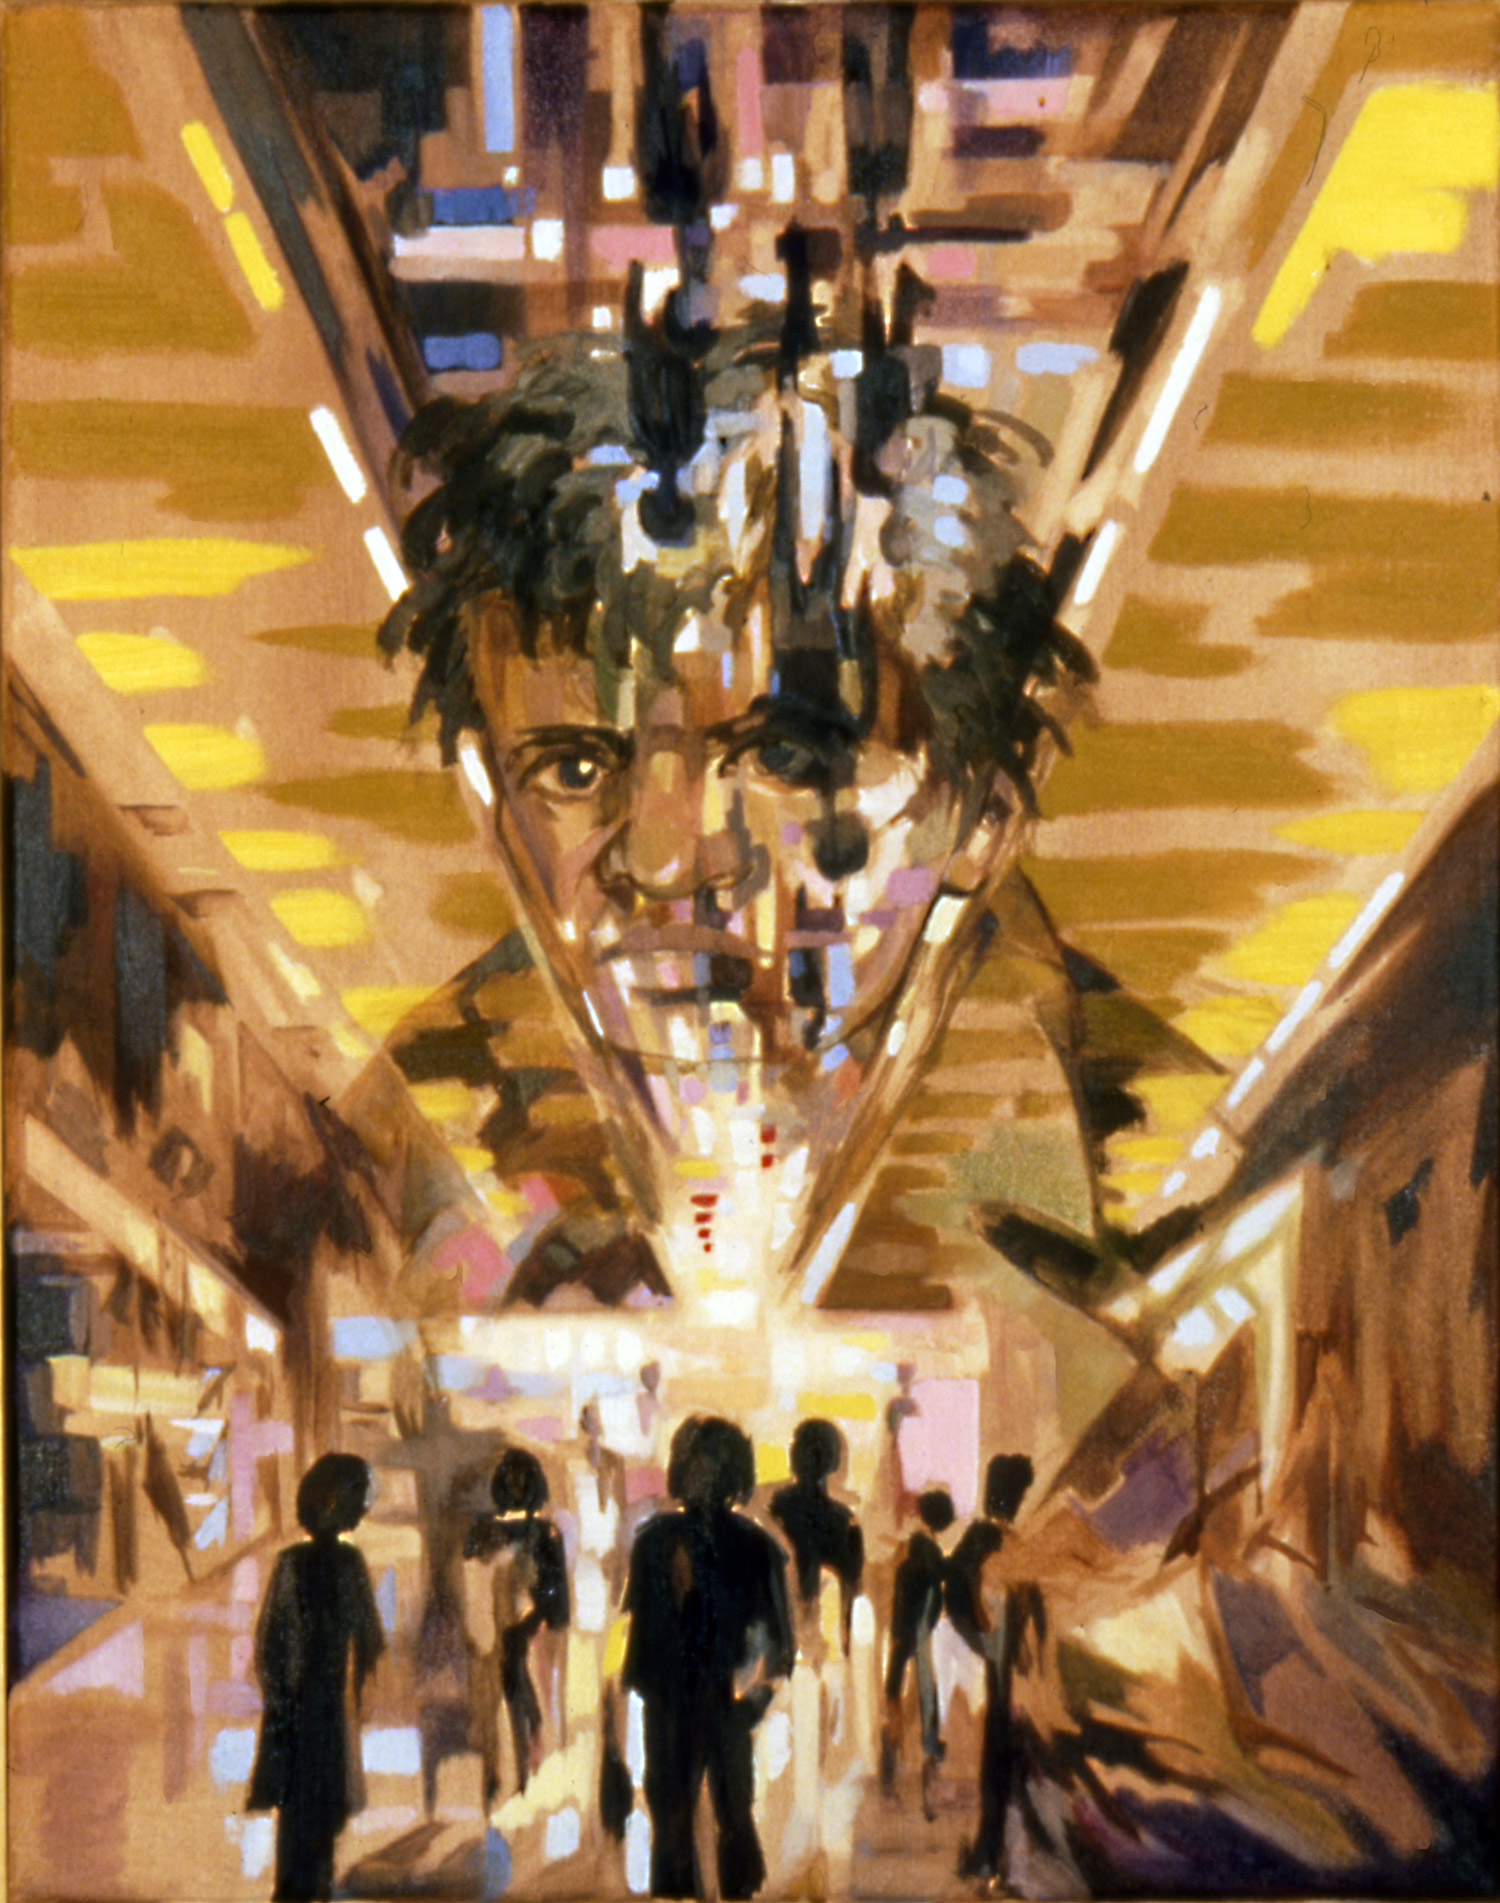 INNER CITY Oil on canvas, 60cm x 70cm